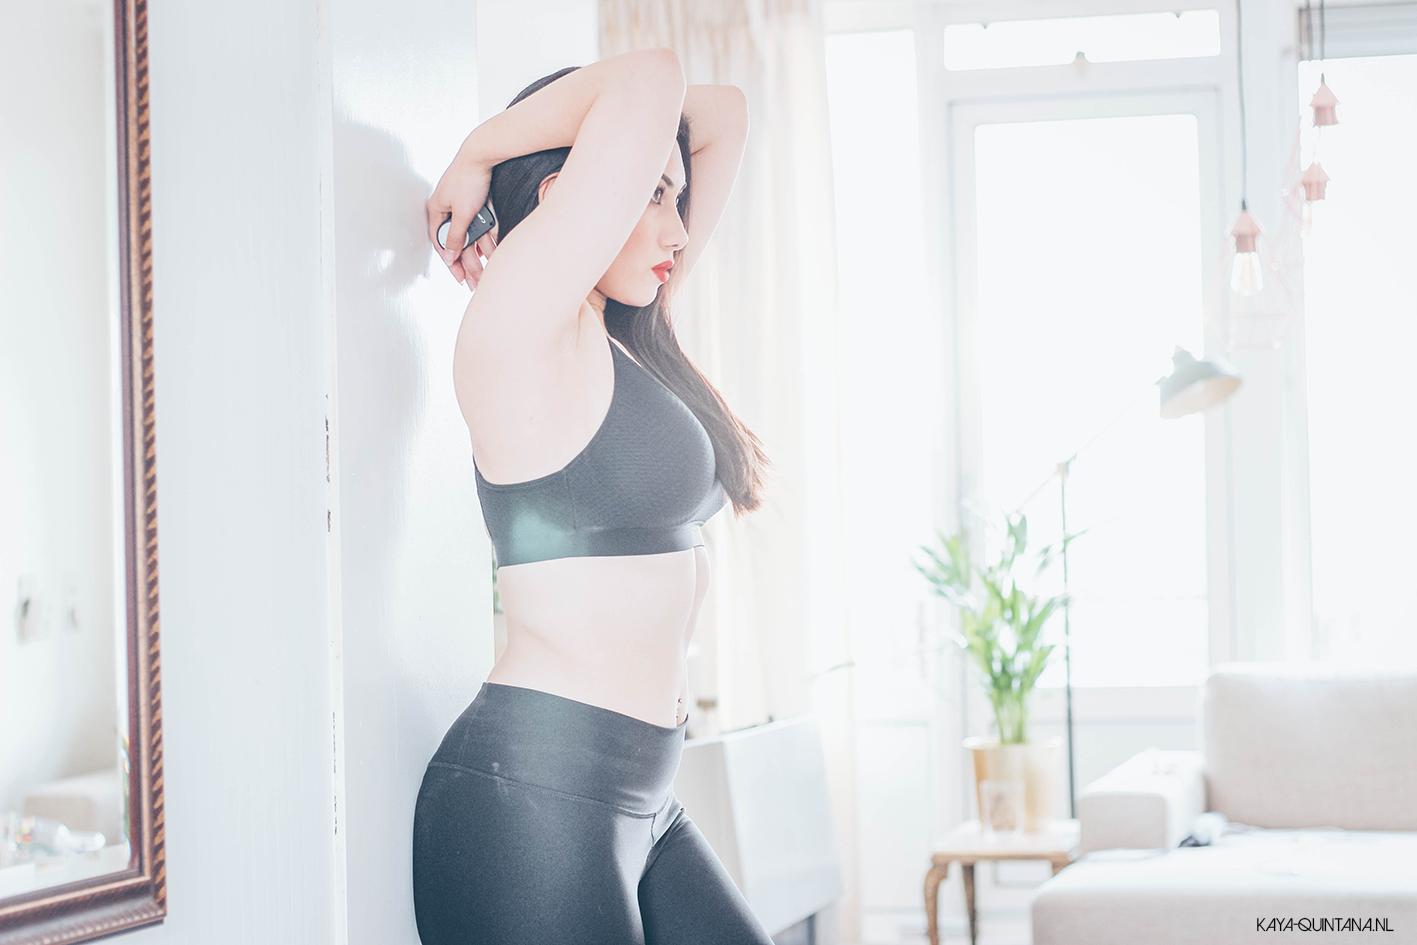 hourglass figure workout